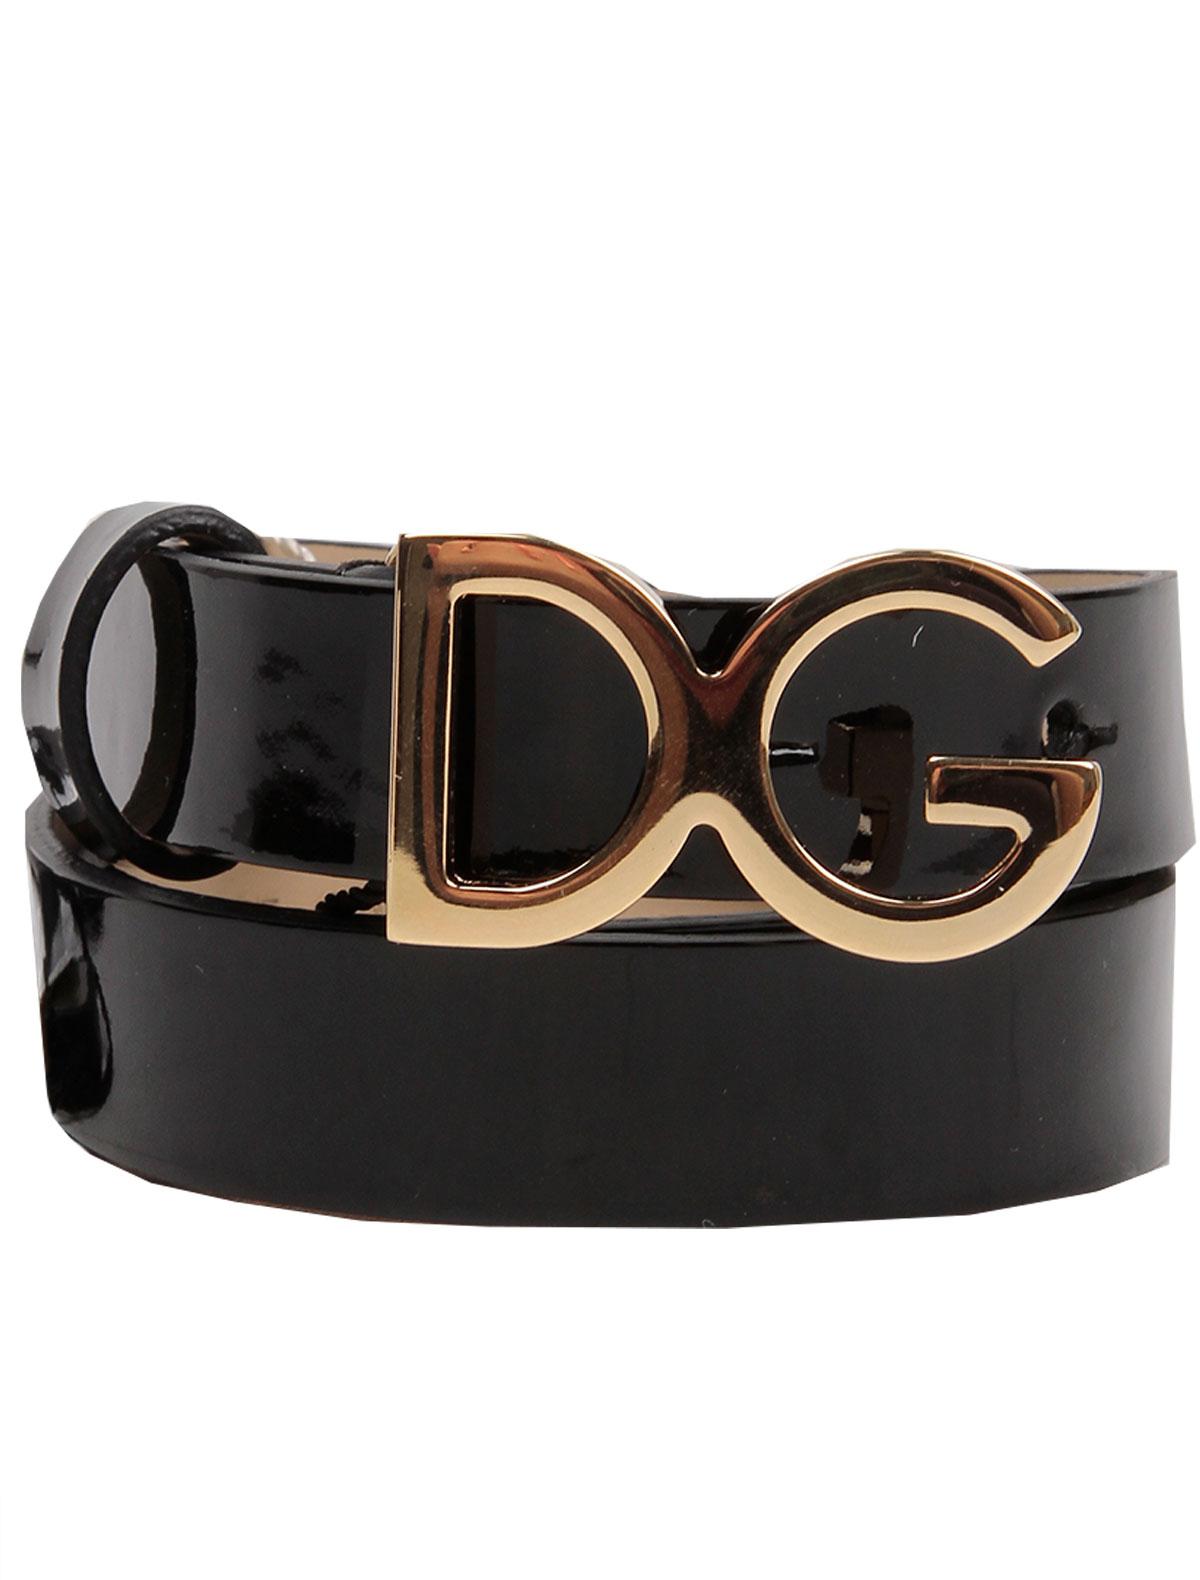 2151174, Ремень Dolce & Gabbana, черный, Женский, 1301108070025  - купить со скидкой